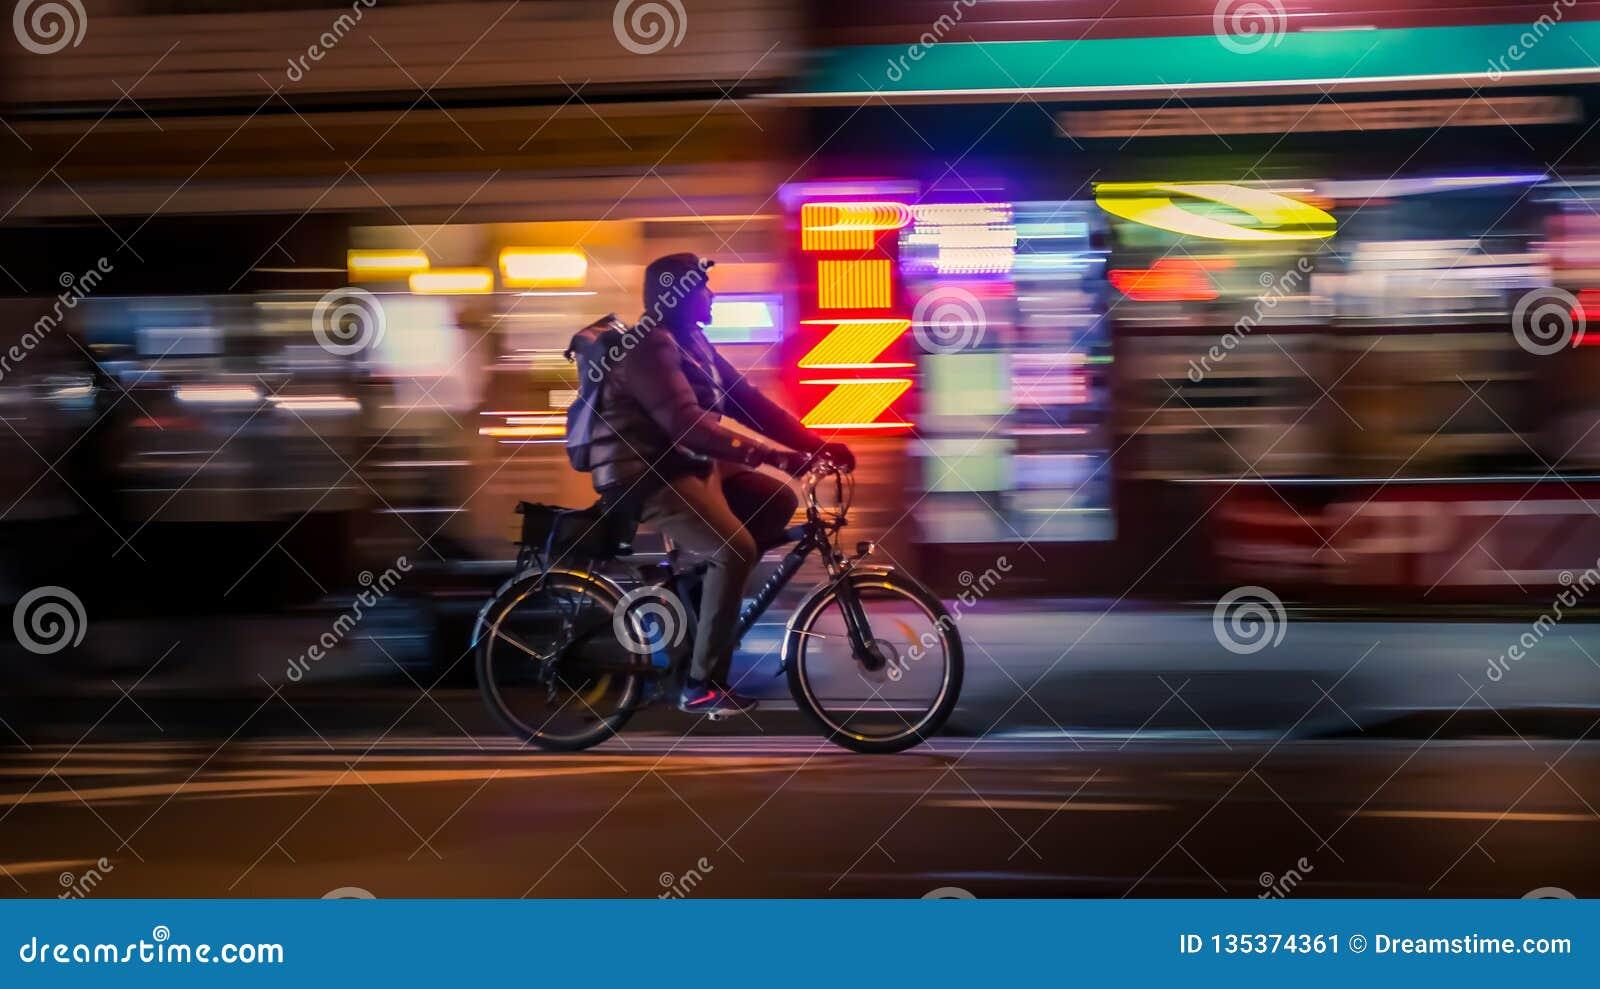 NOWY JORK, usa - MARZEC 18, 2018: Jeździeccy cykliści Bicyclistsin w mieście, noc, abstrakt fuzzy ruch